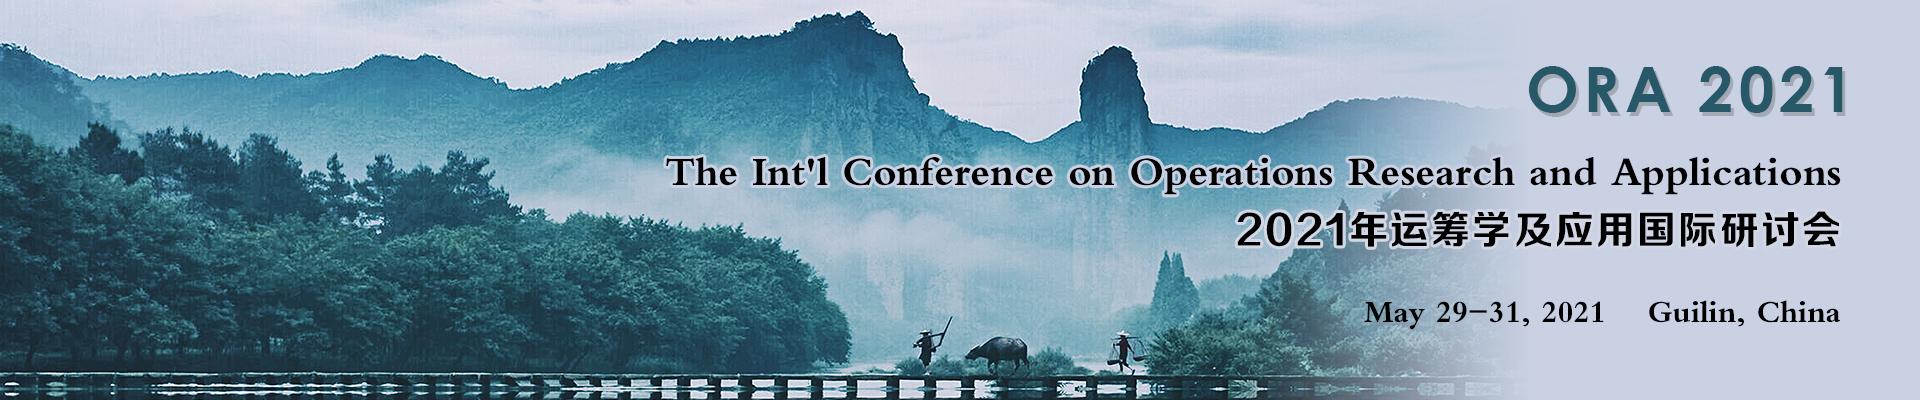 2021年运筹学及应用国际研讨会(ORA2021)